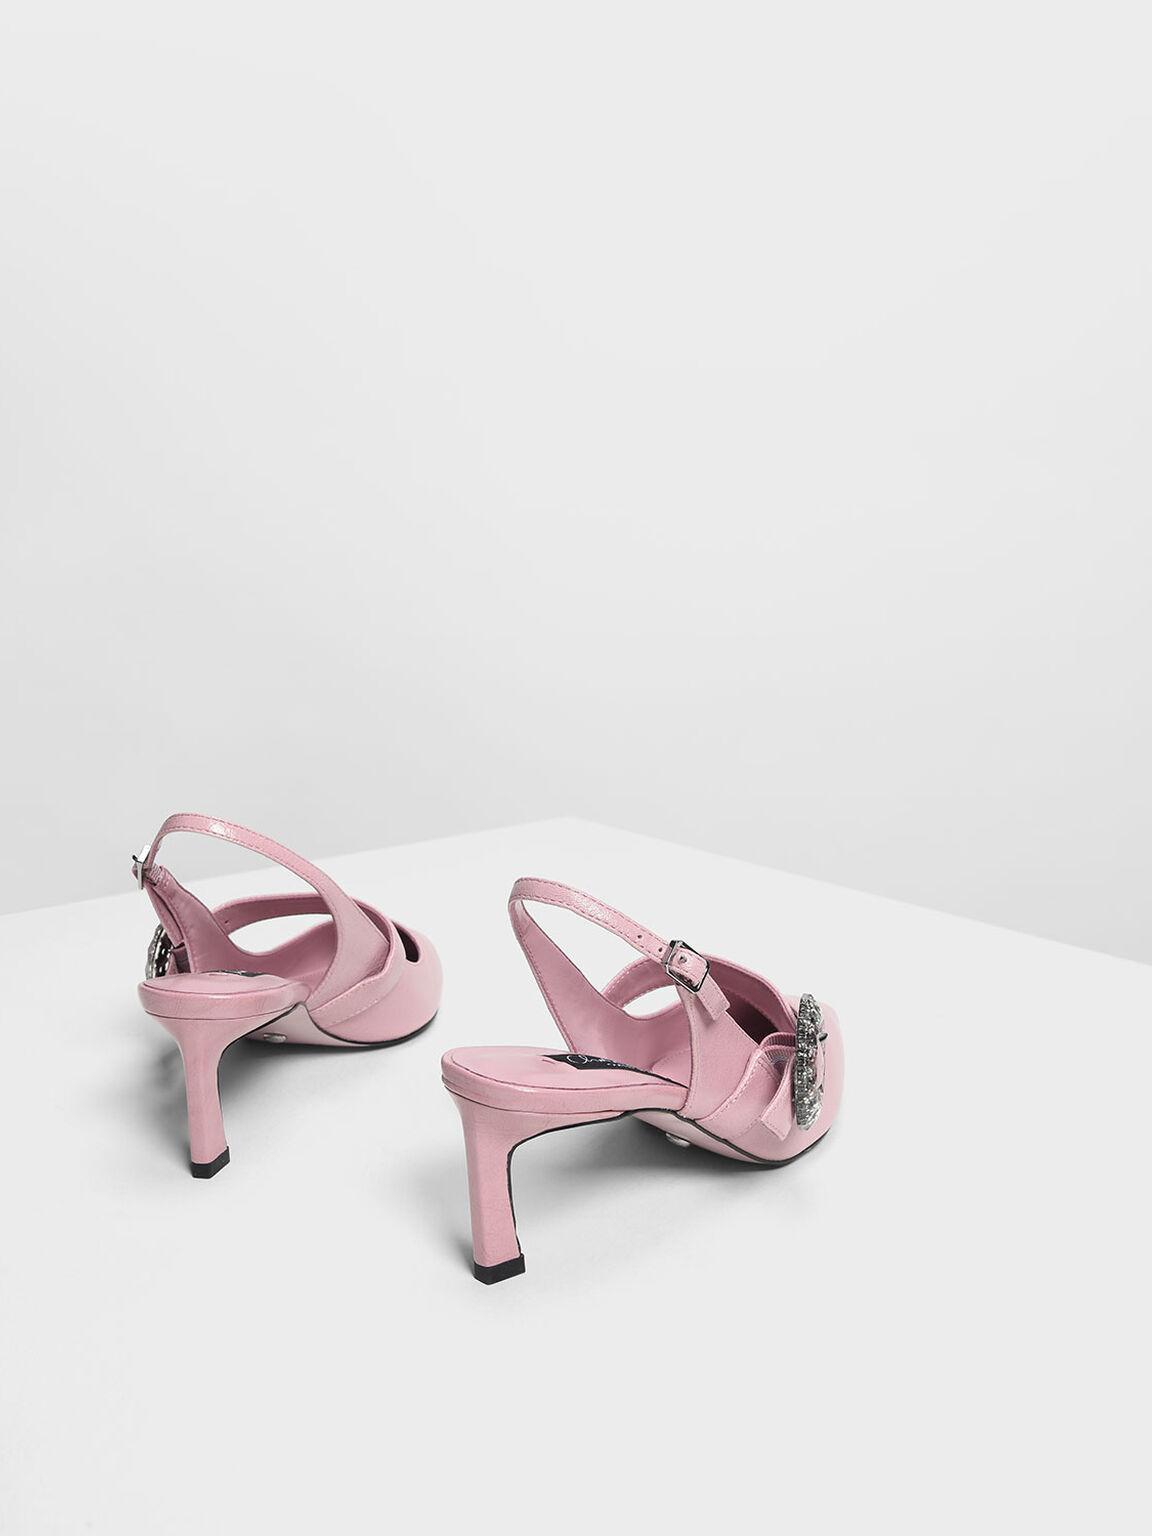 圓扣環真皮跟鞋, 粉紅色, hi-res